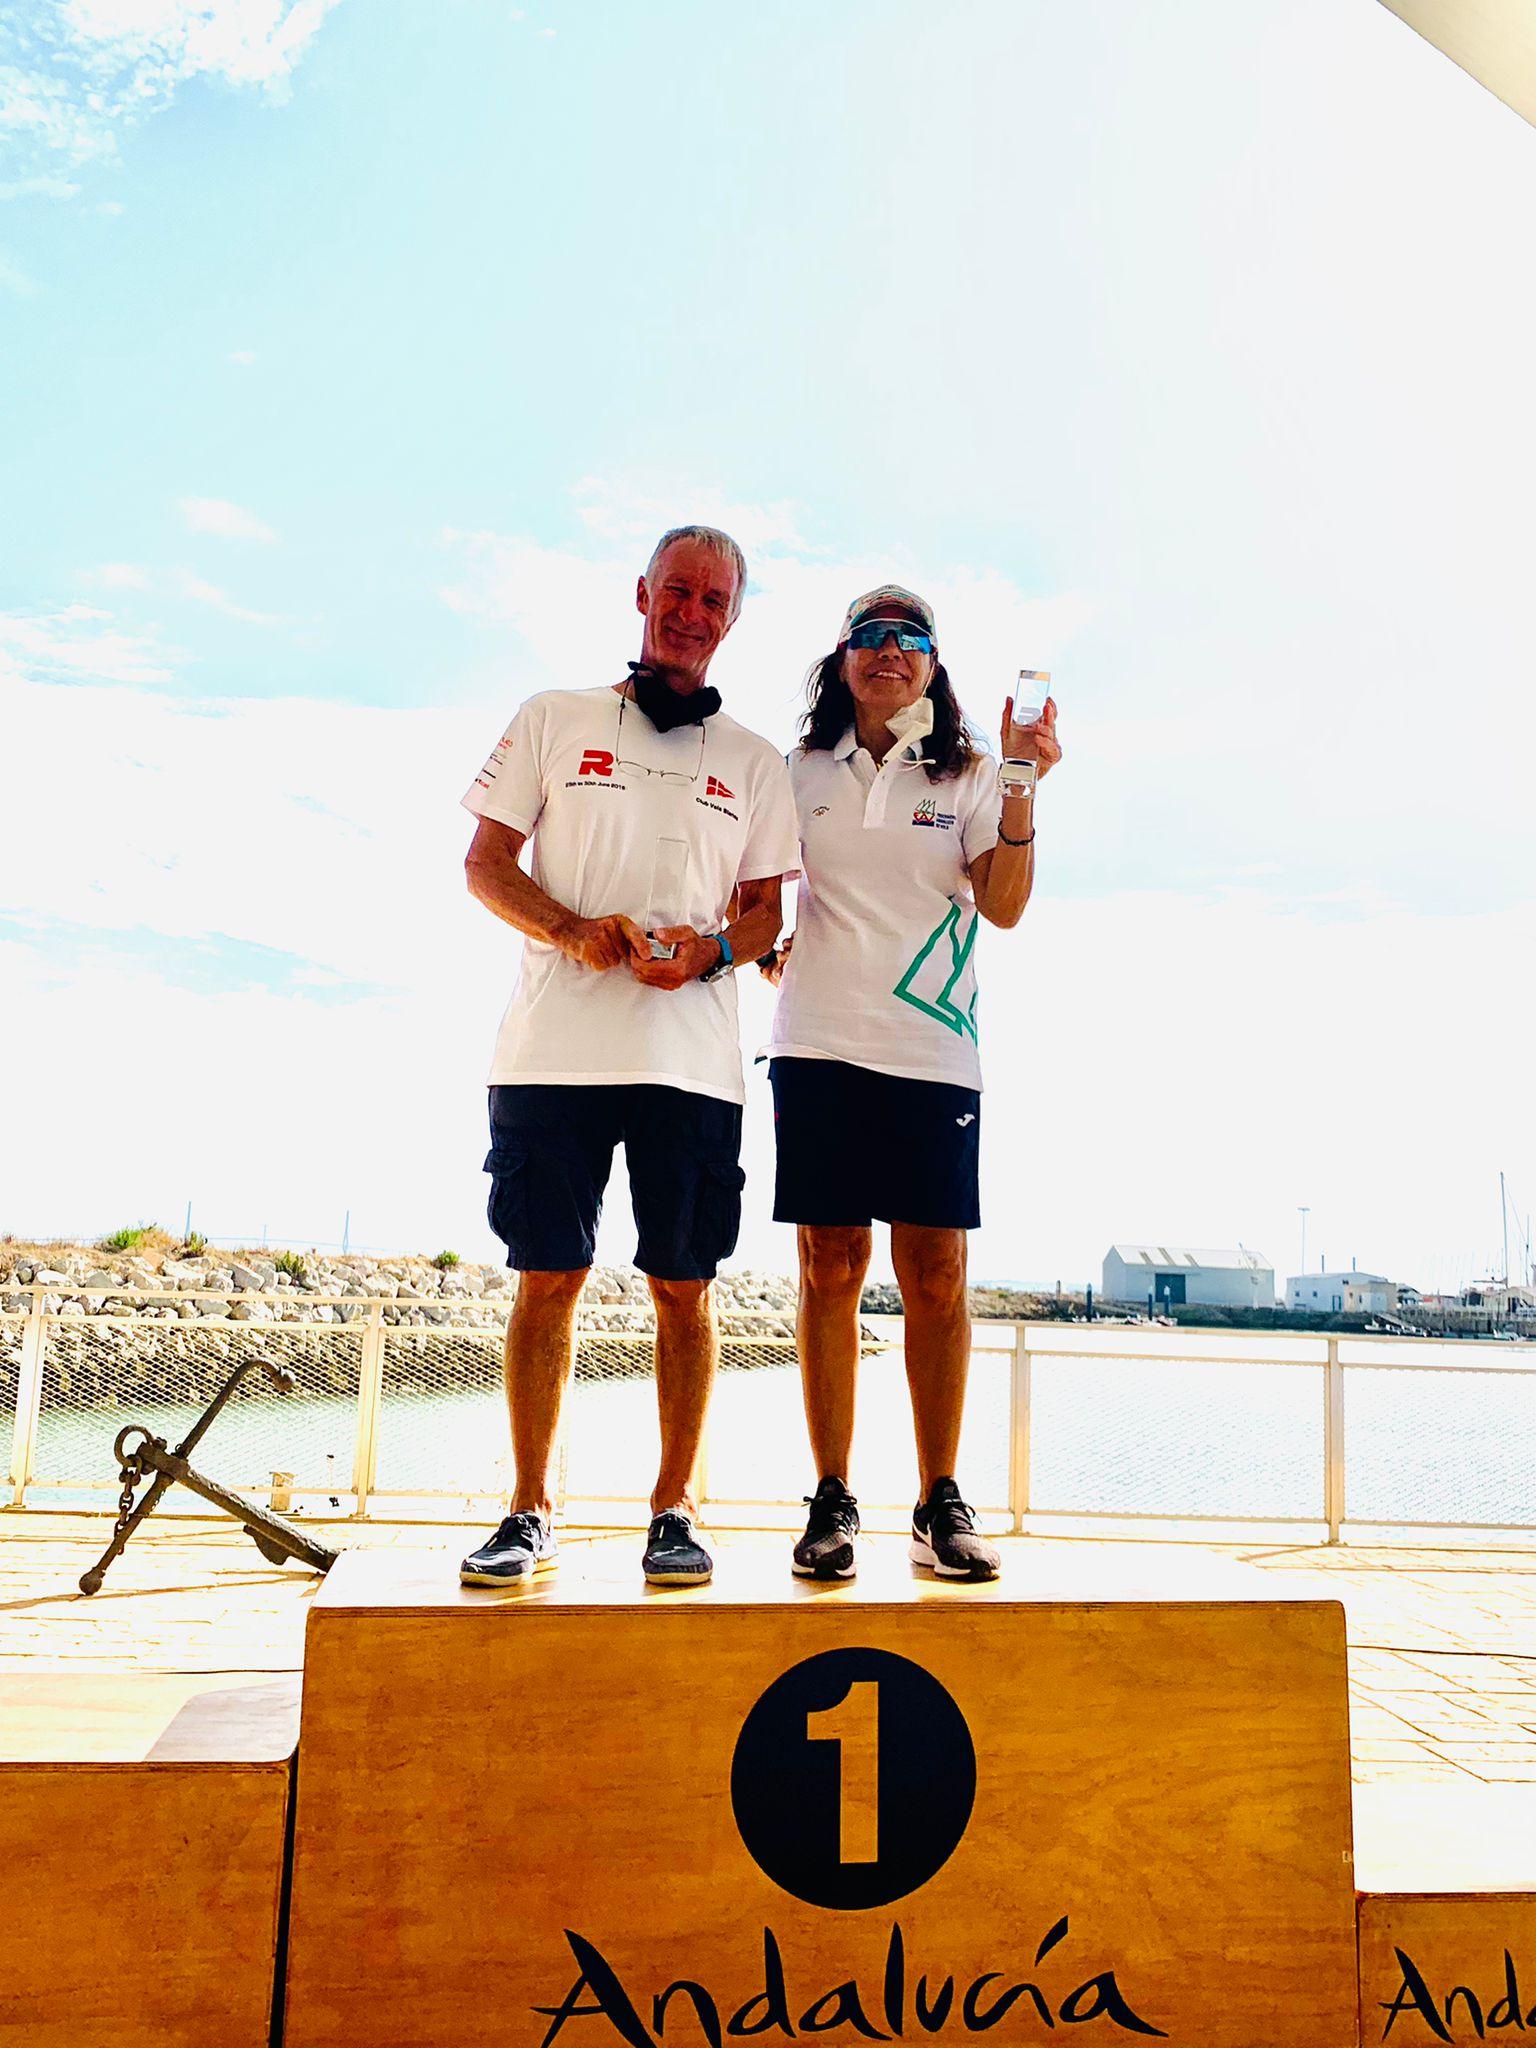 Jordi Bosch campió veterà i Laura Cabezas 3ª femenina pugen al podi de la Copa d'Espanya de Raceboard.